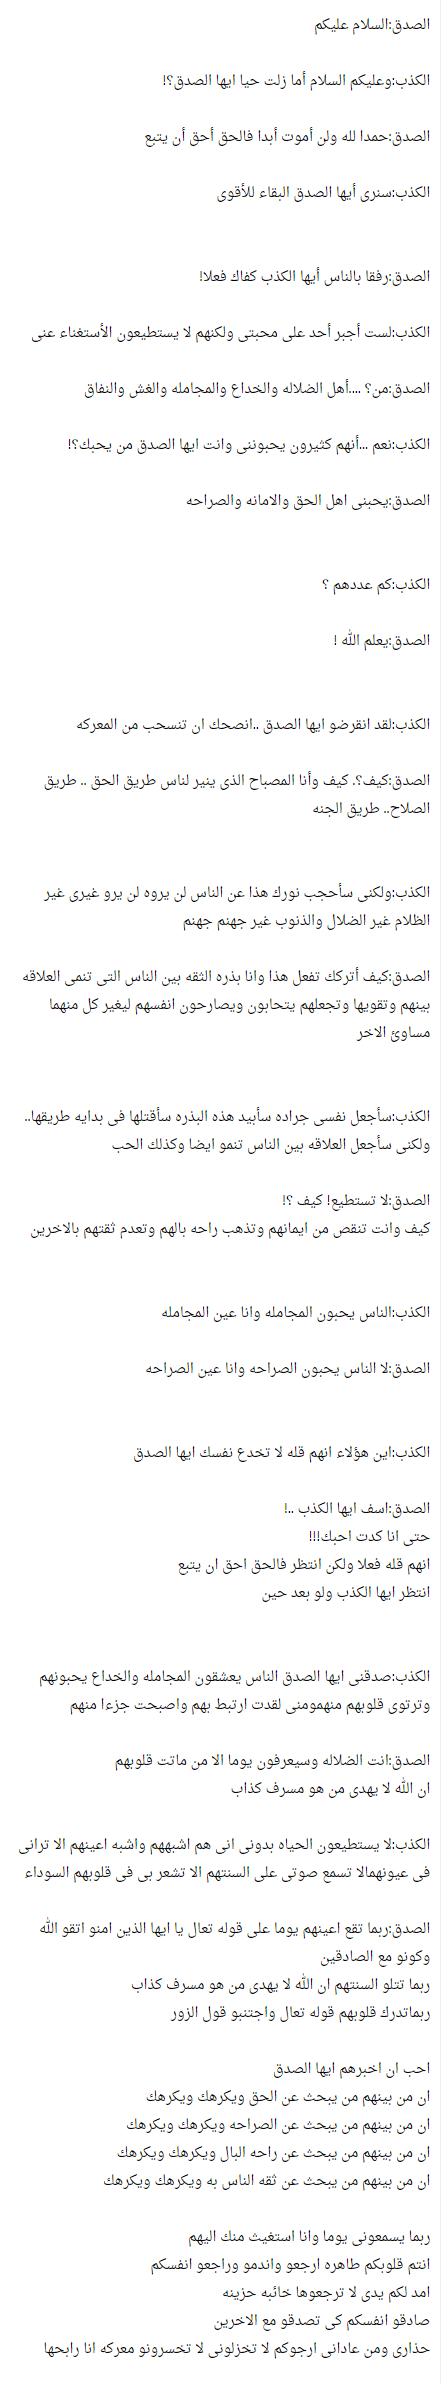 حوار بين شخصين عن الصدق قصير موقع اجوبة Funny Arabic Quotes Black Aesthetic Wallpaper Black Aesthetic